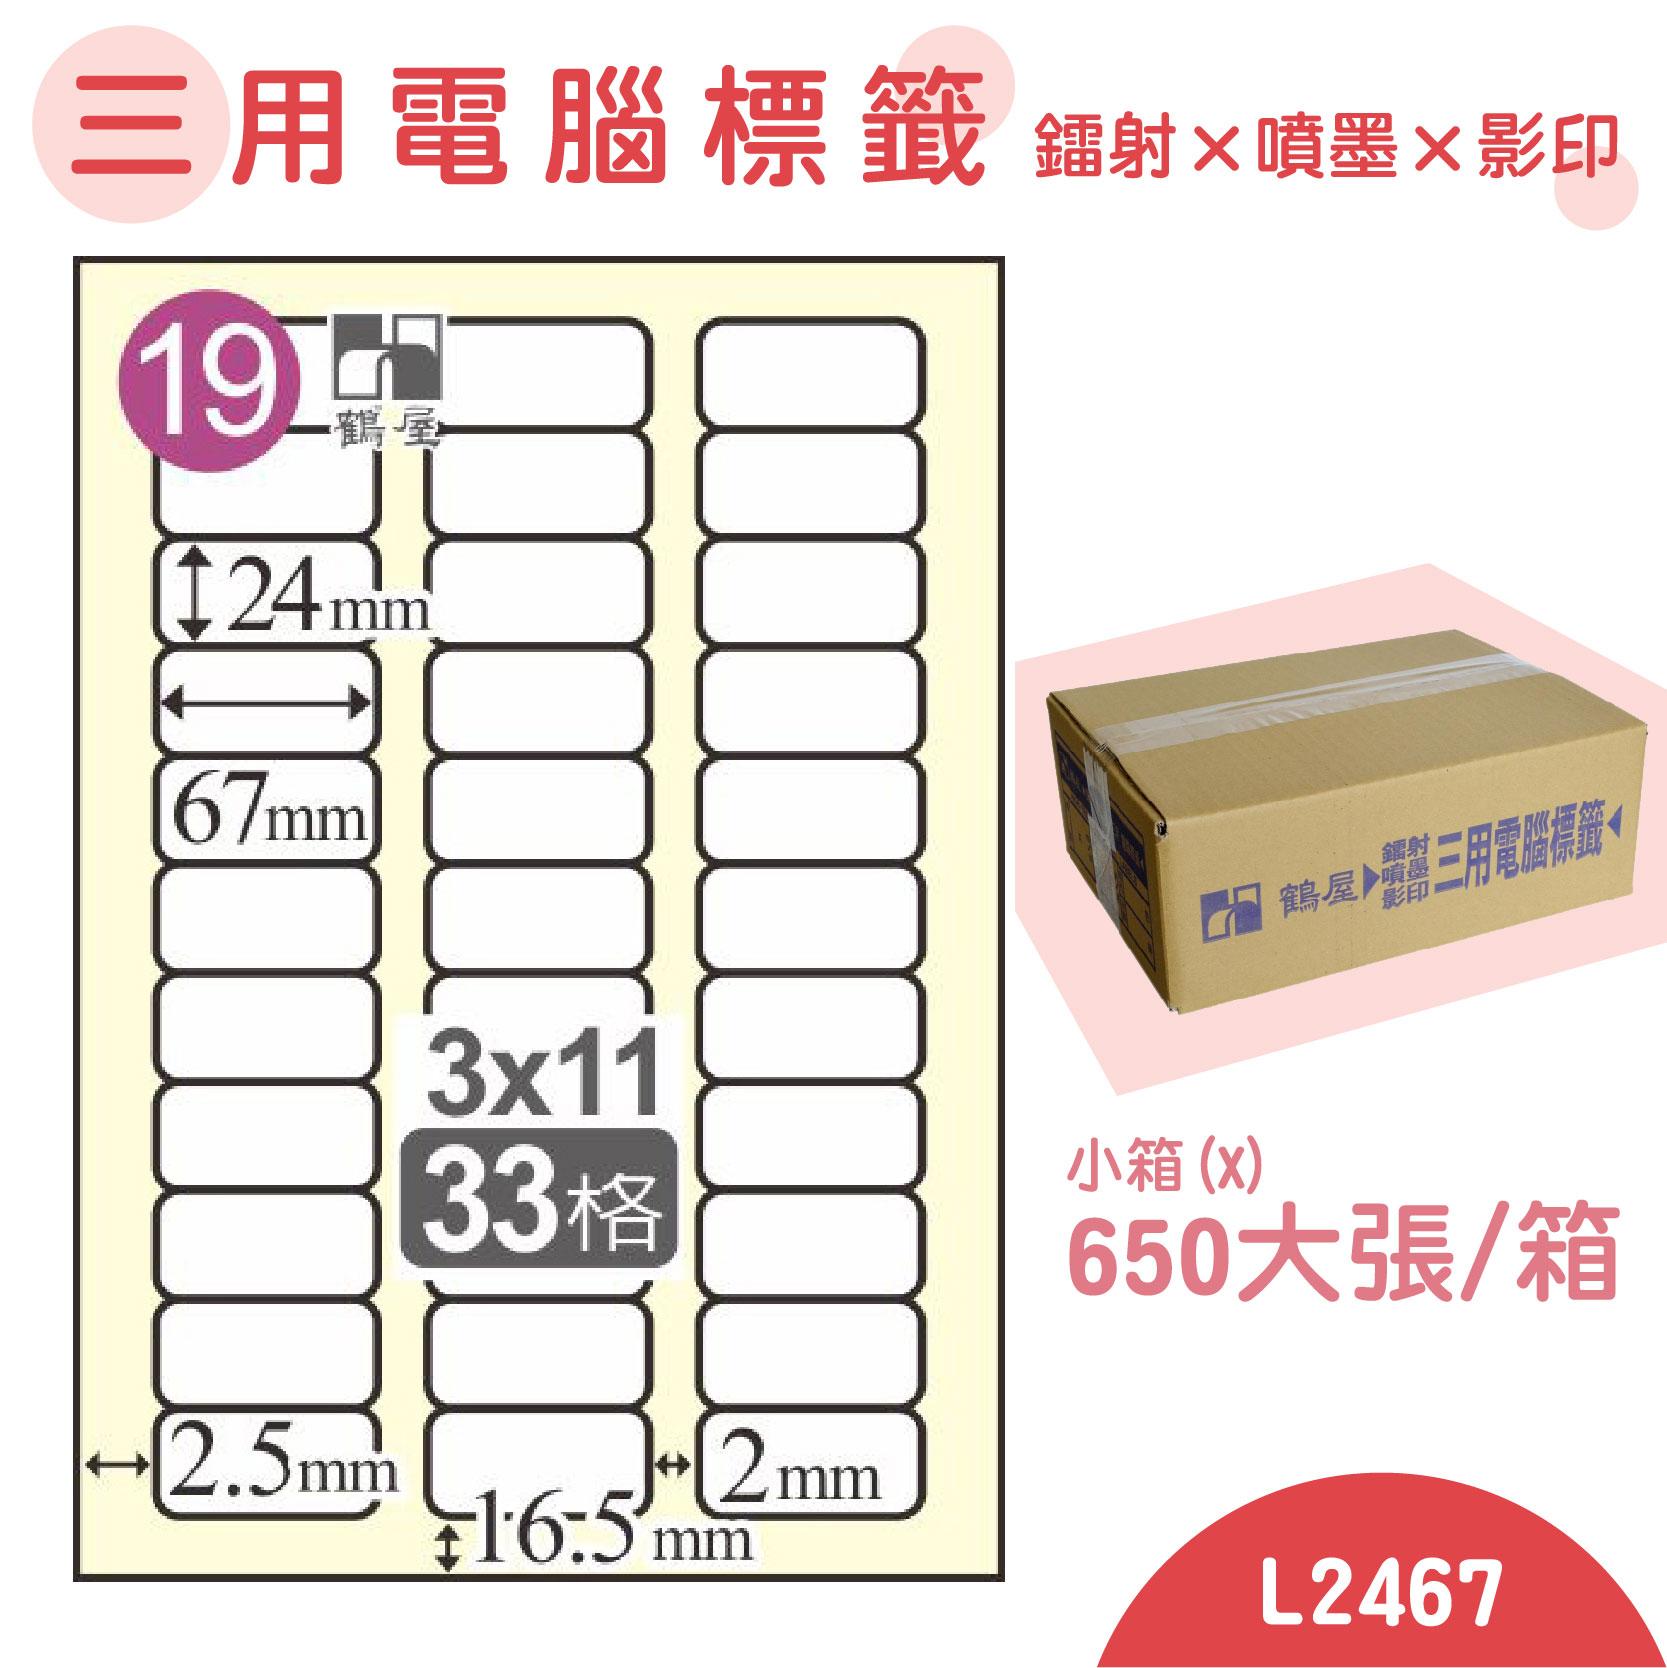 電腦標籤紙(鶴屋) 白色 L2467 33格 650大張/小箱 影印 雷射 噴墨 三用 標籤 貼紙 信封 光碟 名條